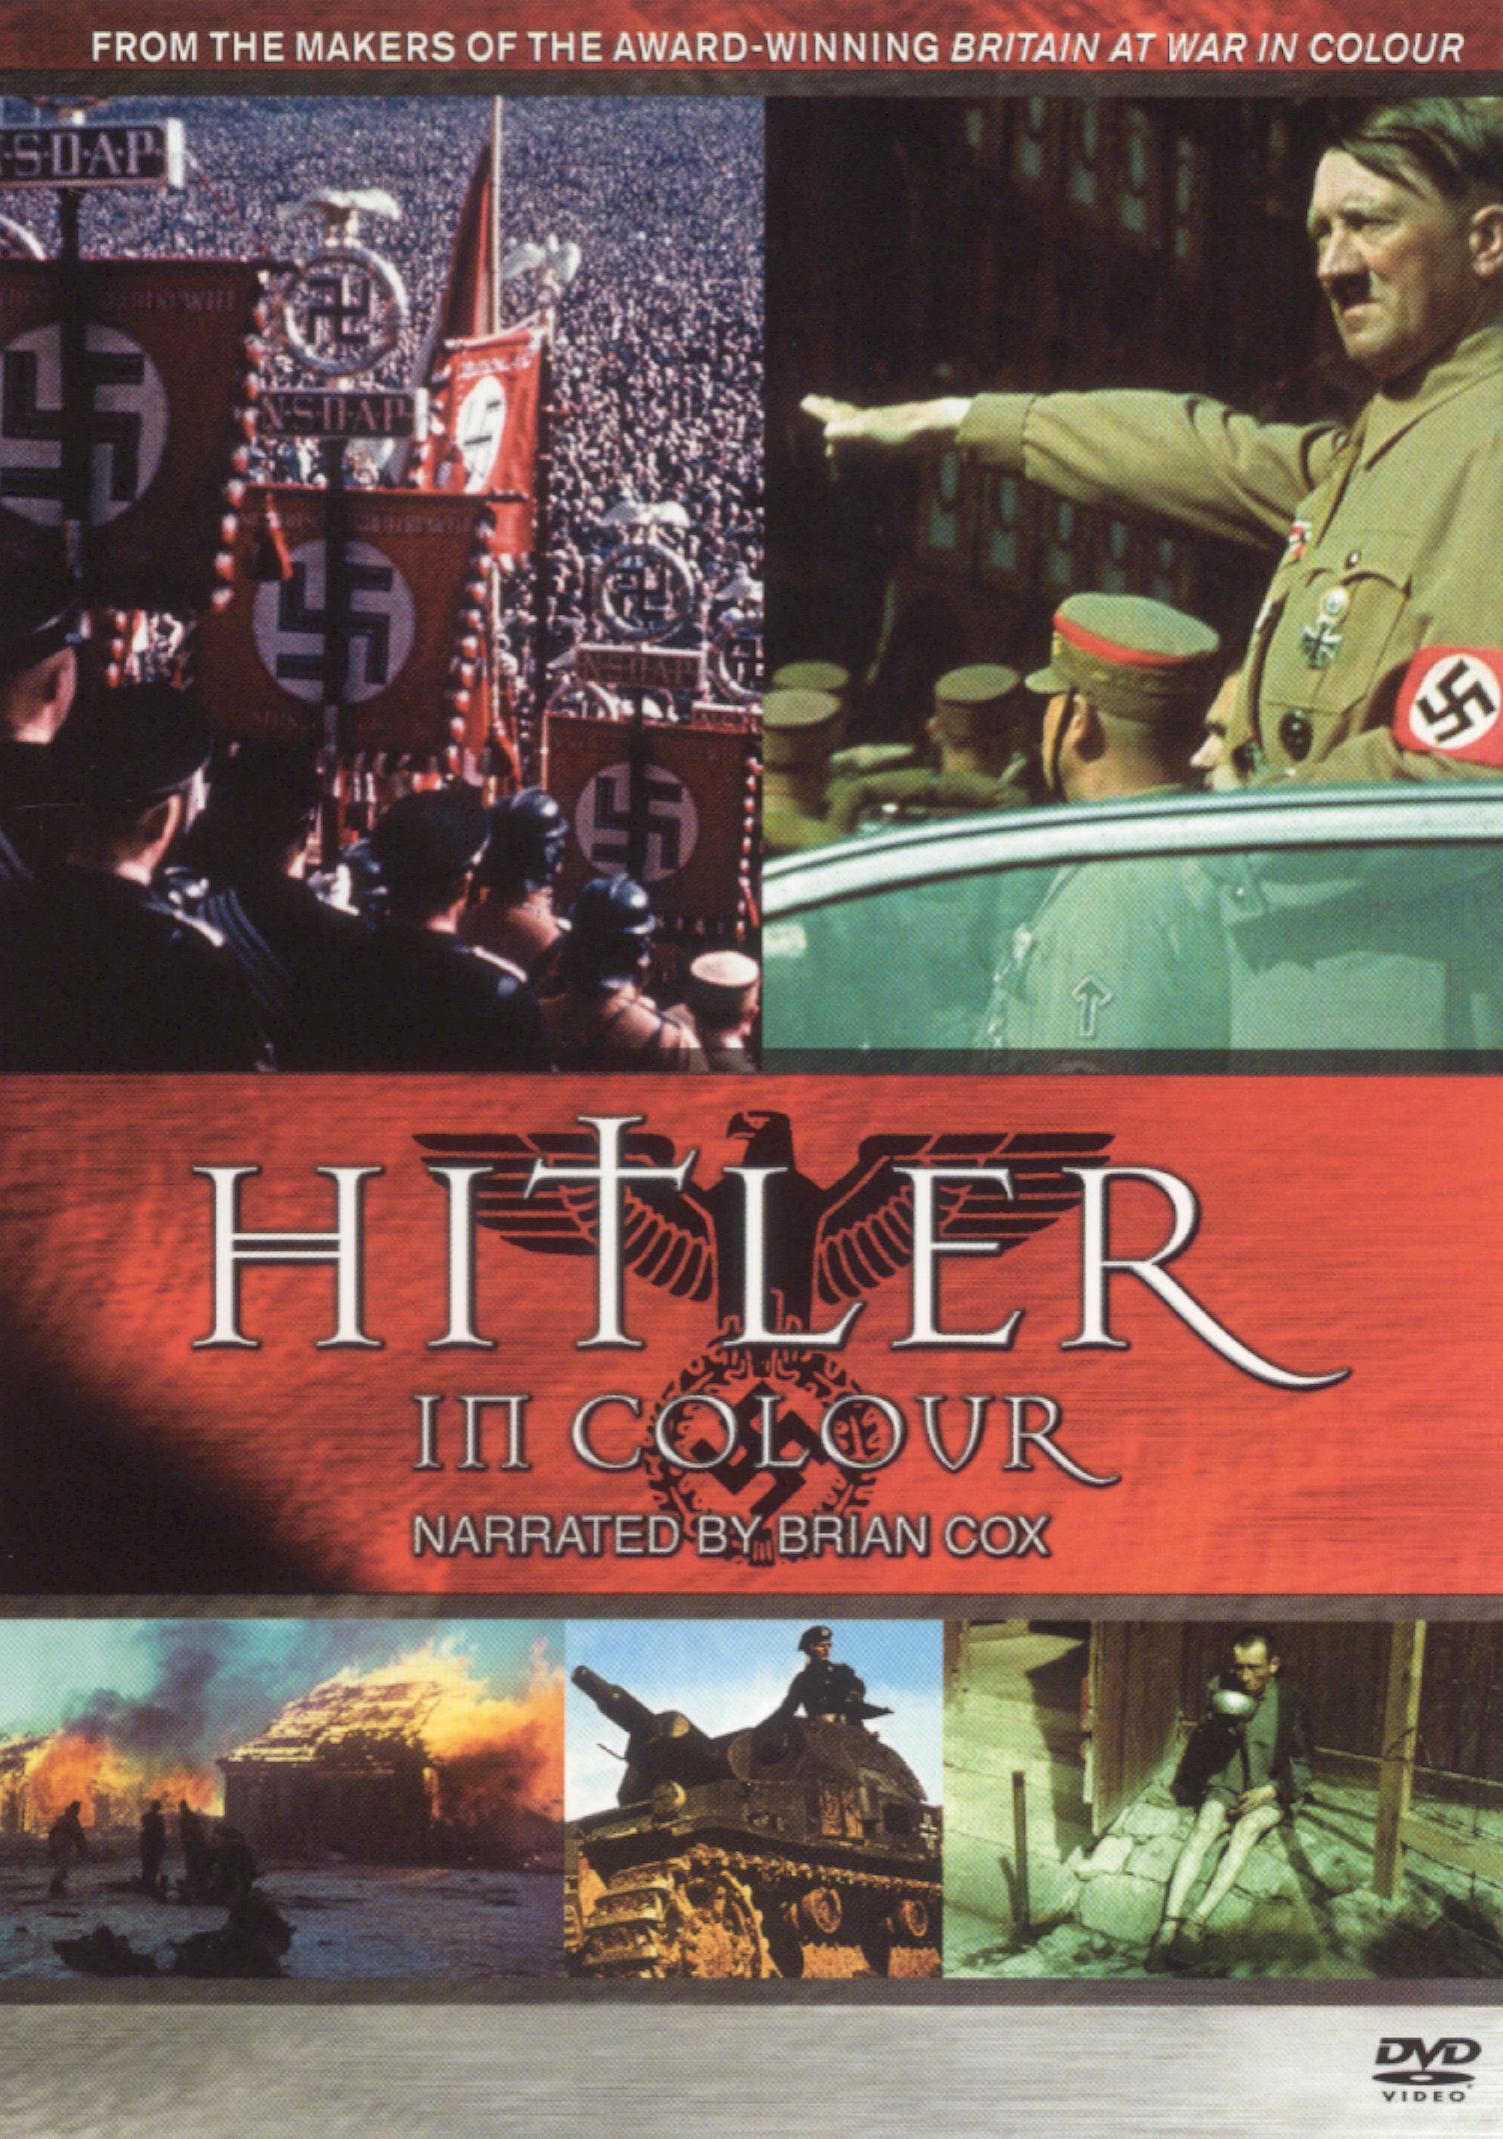 Hitler in Colour